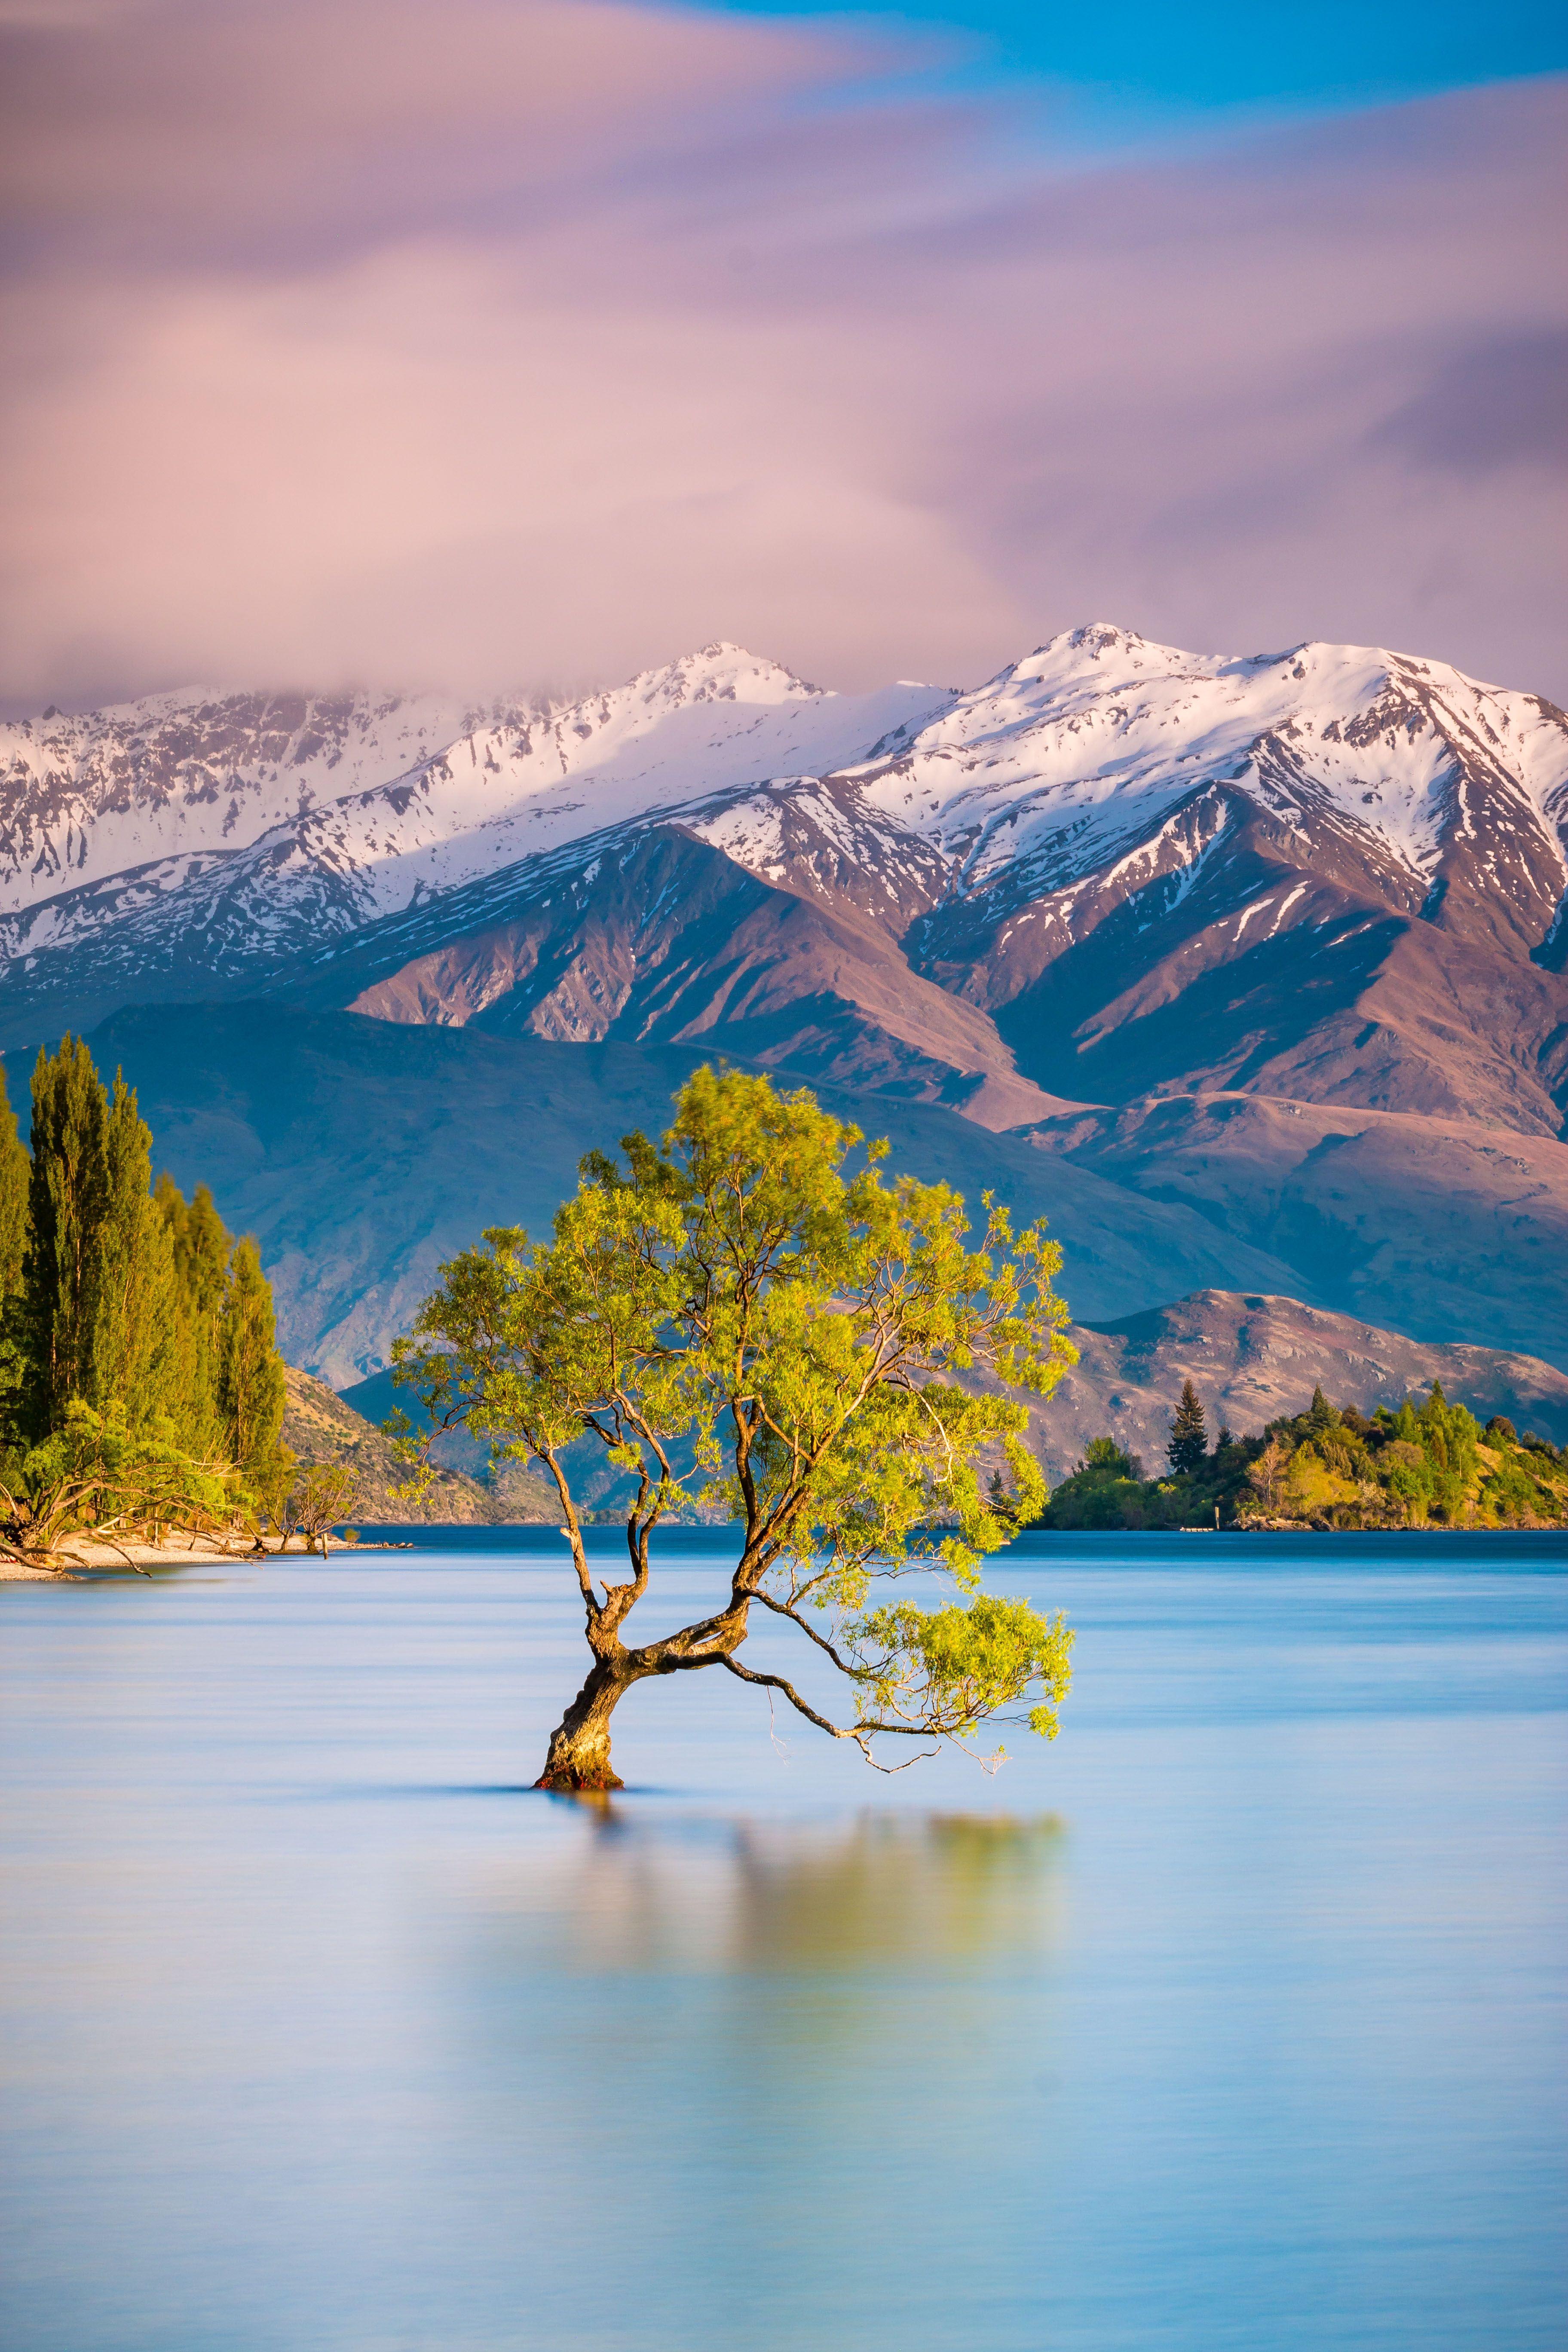 , Wanaka Tree, New Zealand, My Travels Blog 2020, My Travels Blog 2020